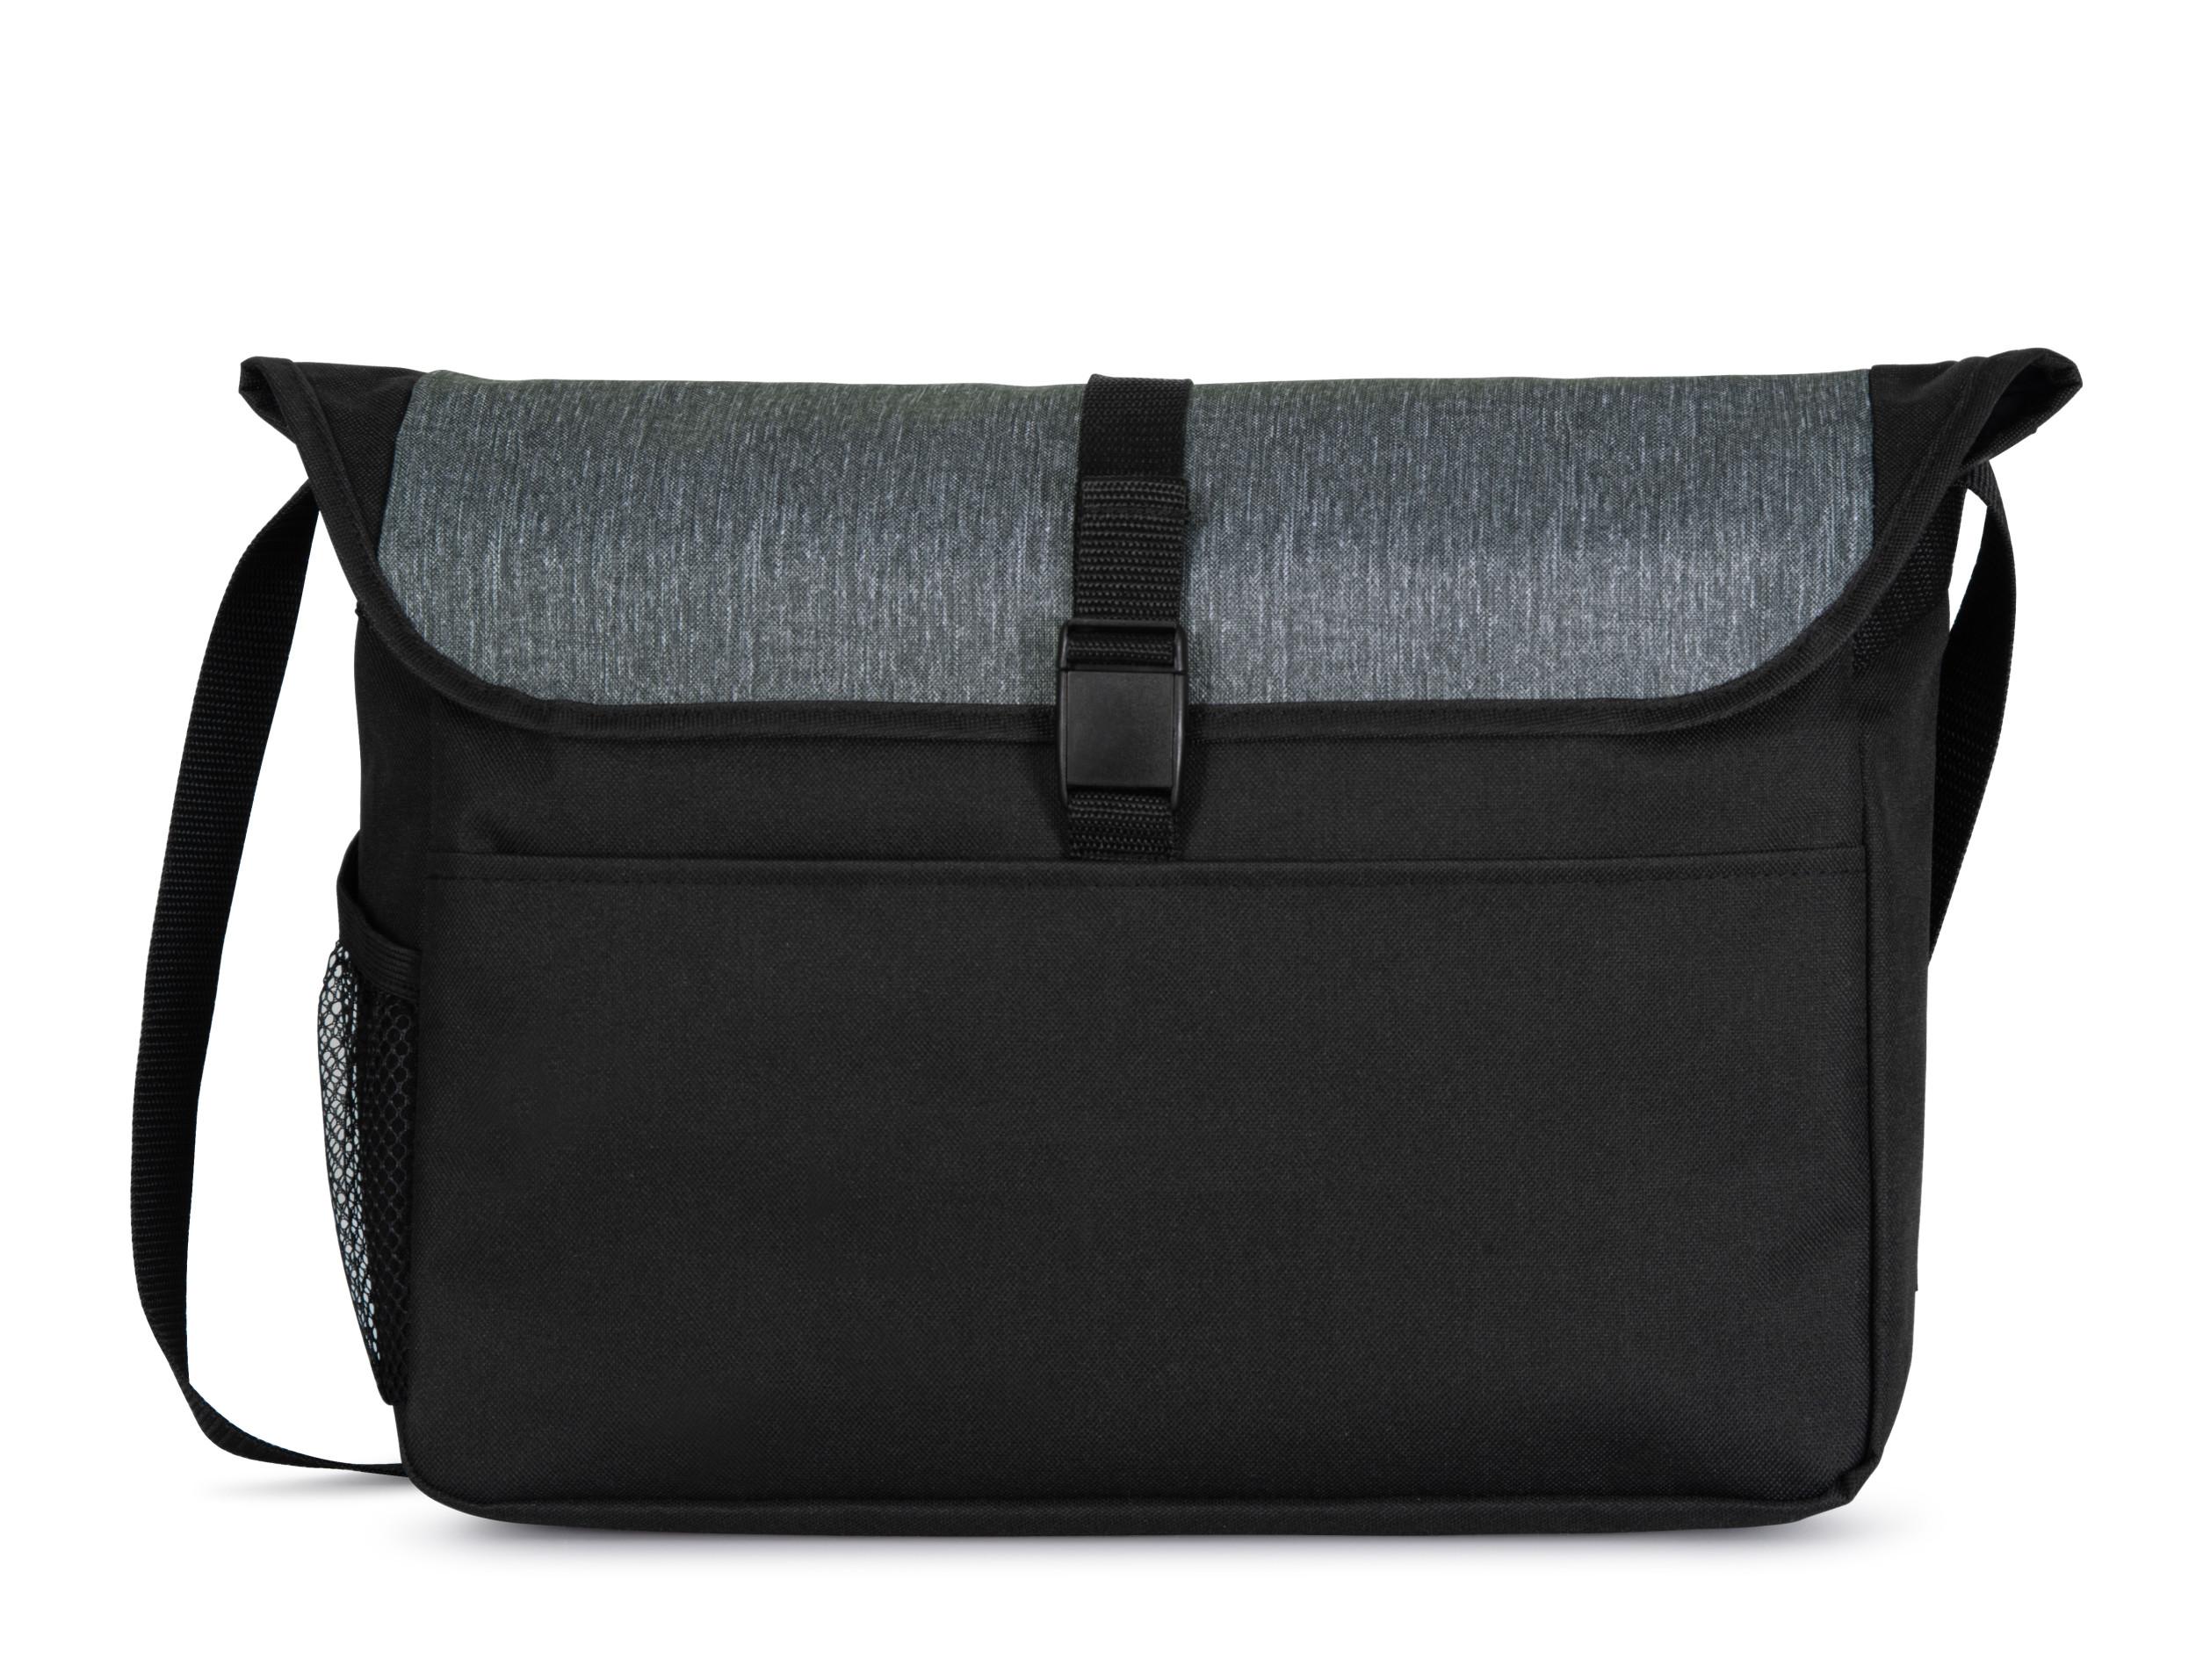 Gemline 100050 - Rockland Messenger Bag